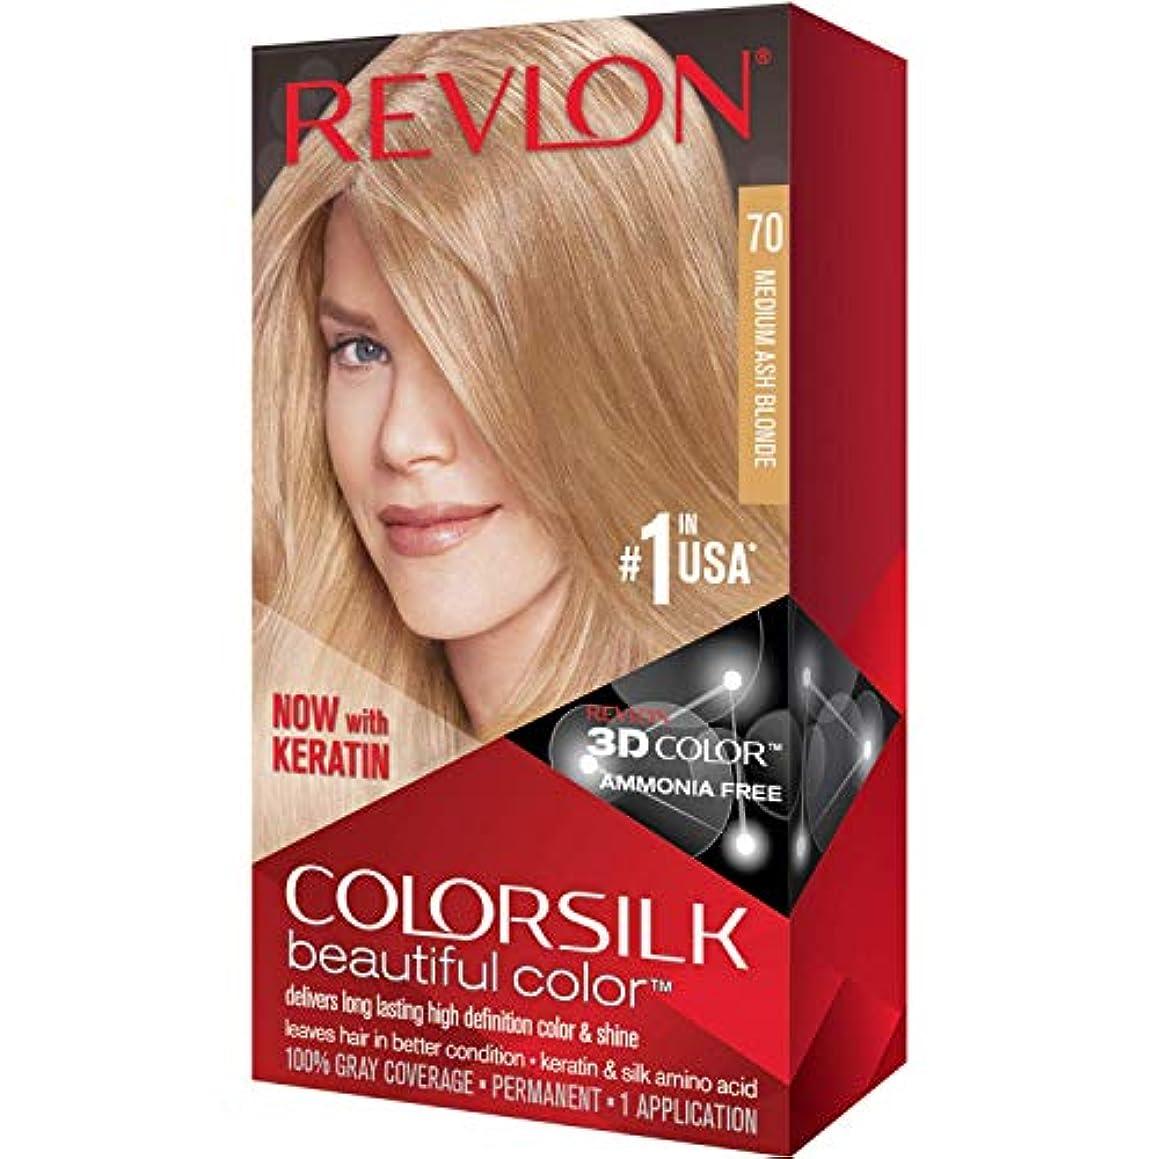 想像力豊かな寛大なジャズ海外直送品Revlon Colorsilk Natural Hair Color, 7A Medium Ash Blonde each by Revlon